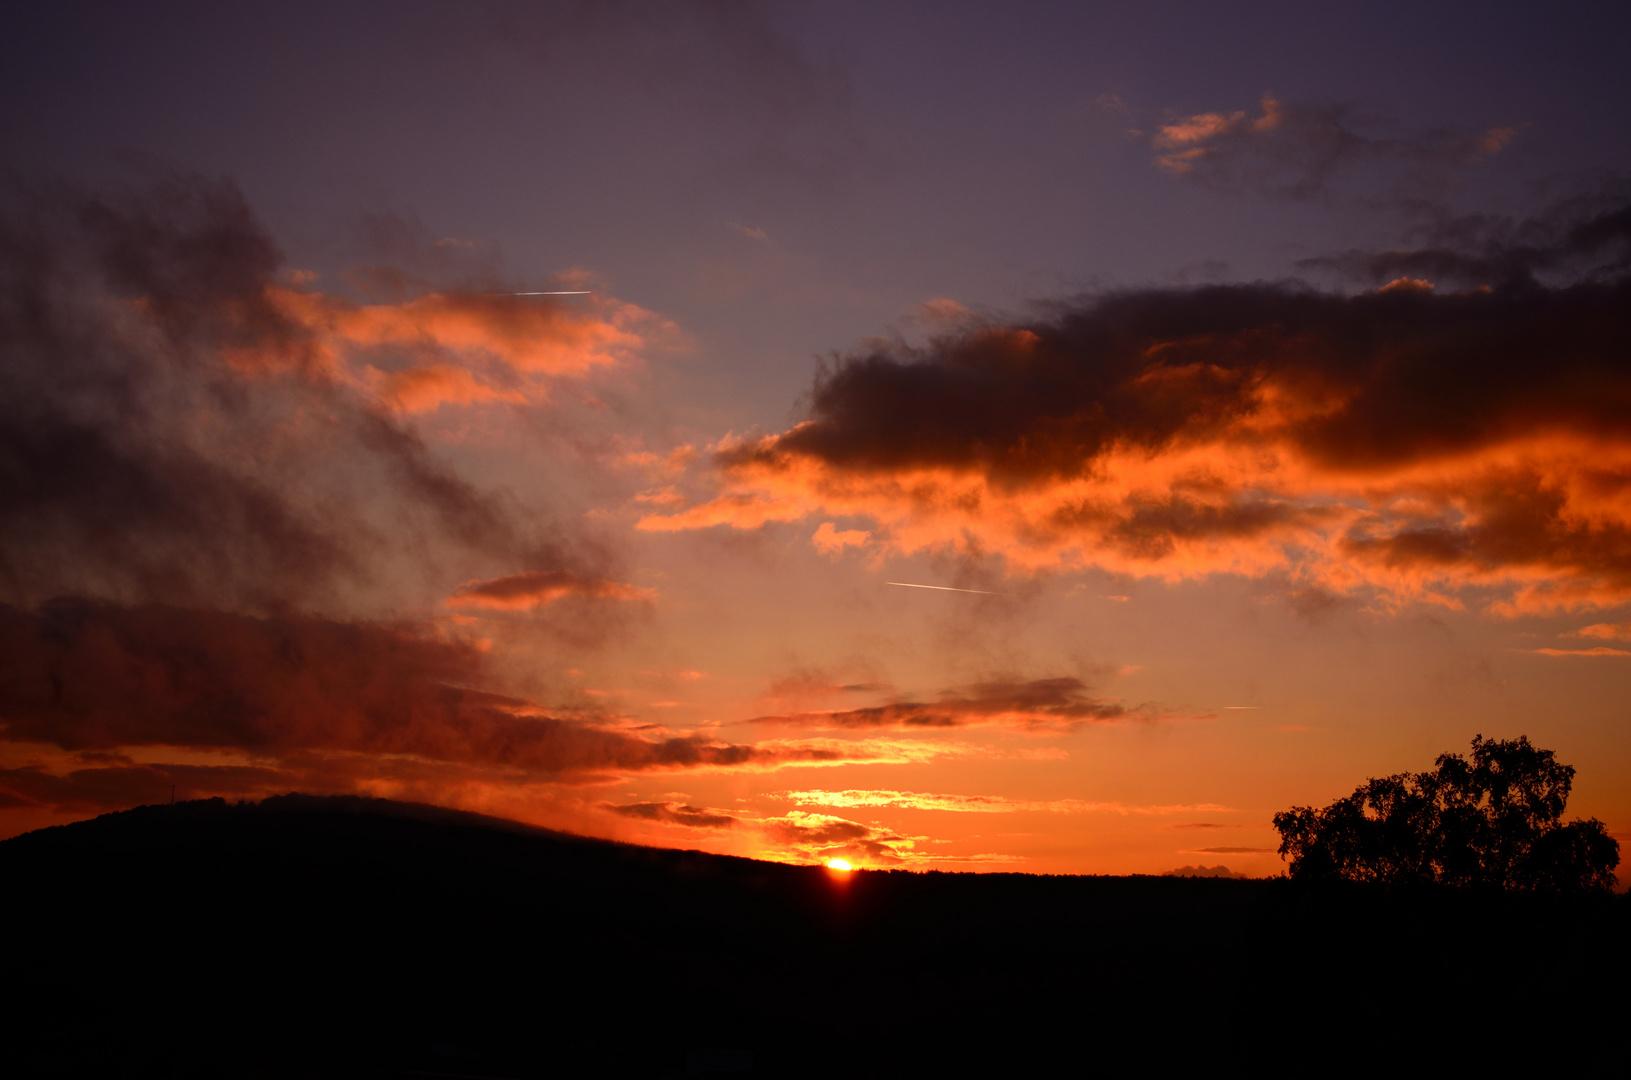 Sonnenuntergang Bad Kissingen 2